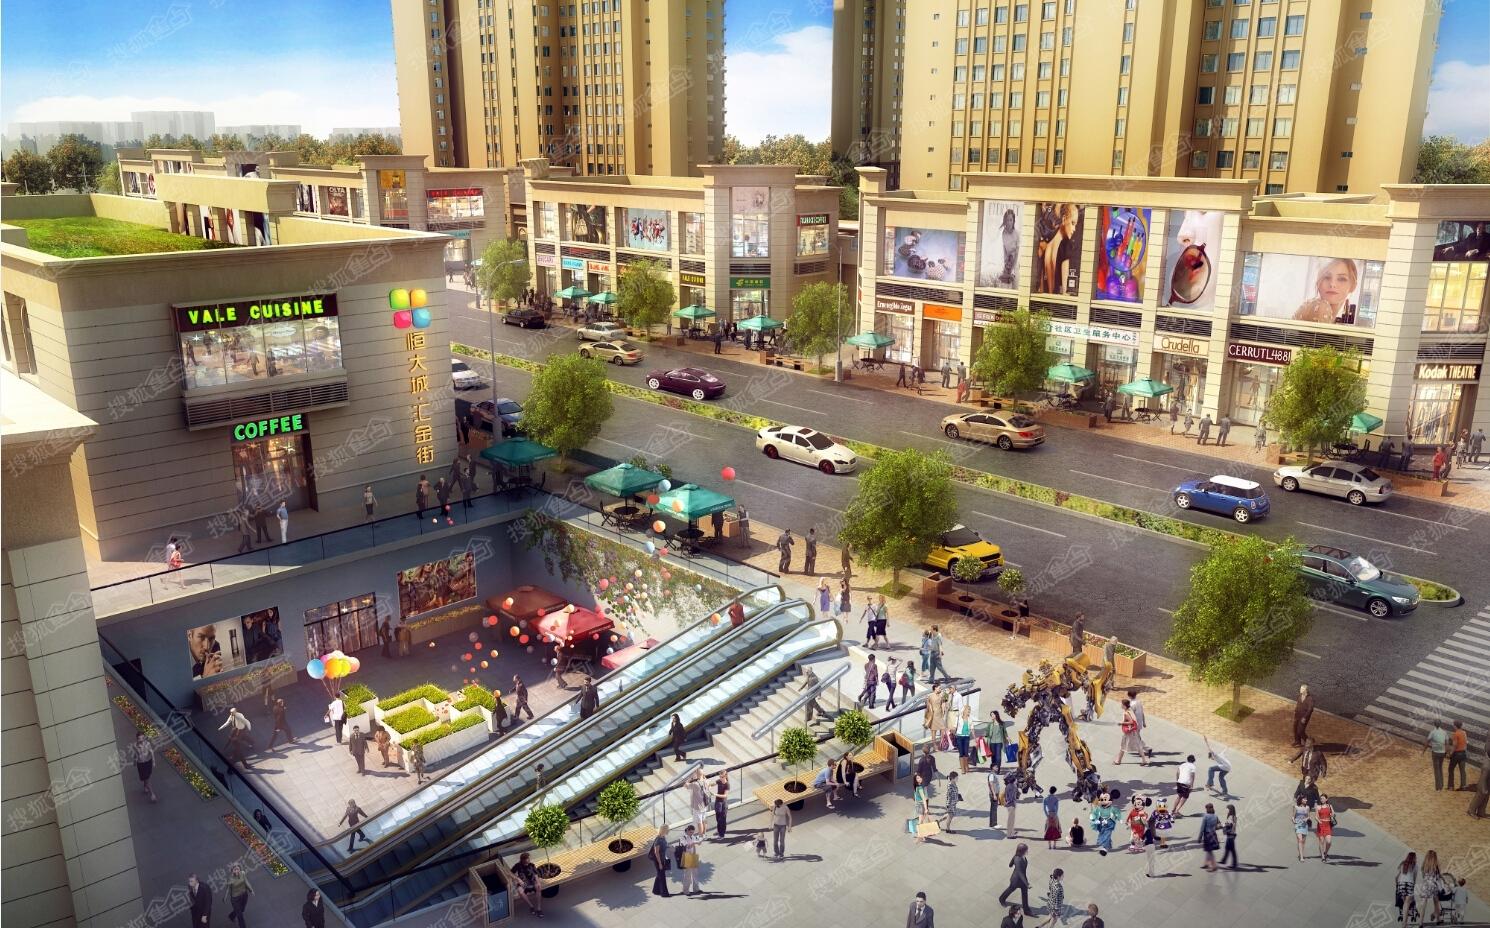 高教园唯一中式步行商业街 8月开盘均价待定图片